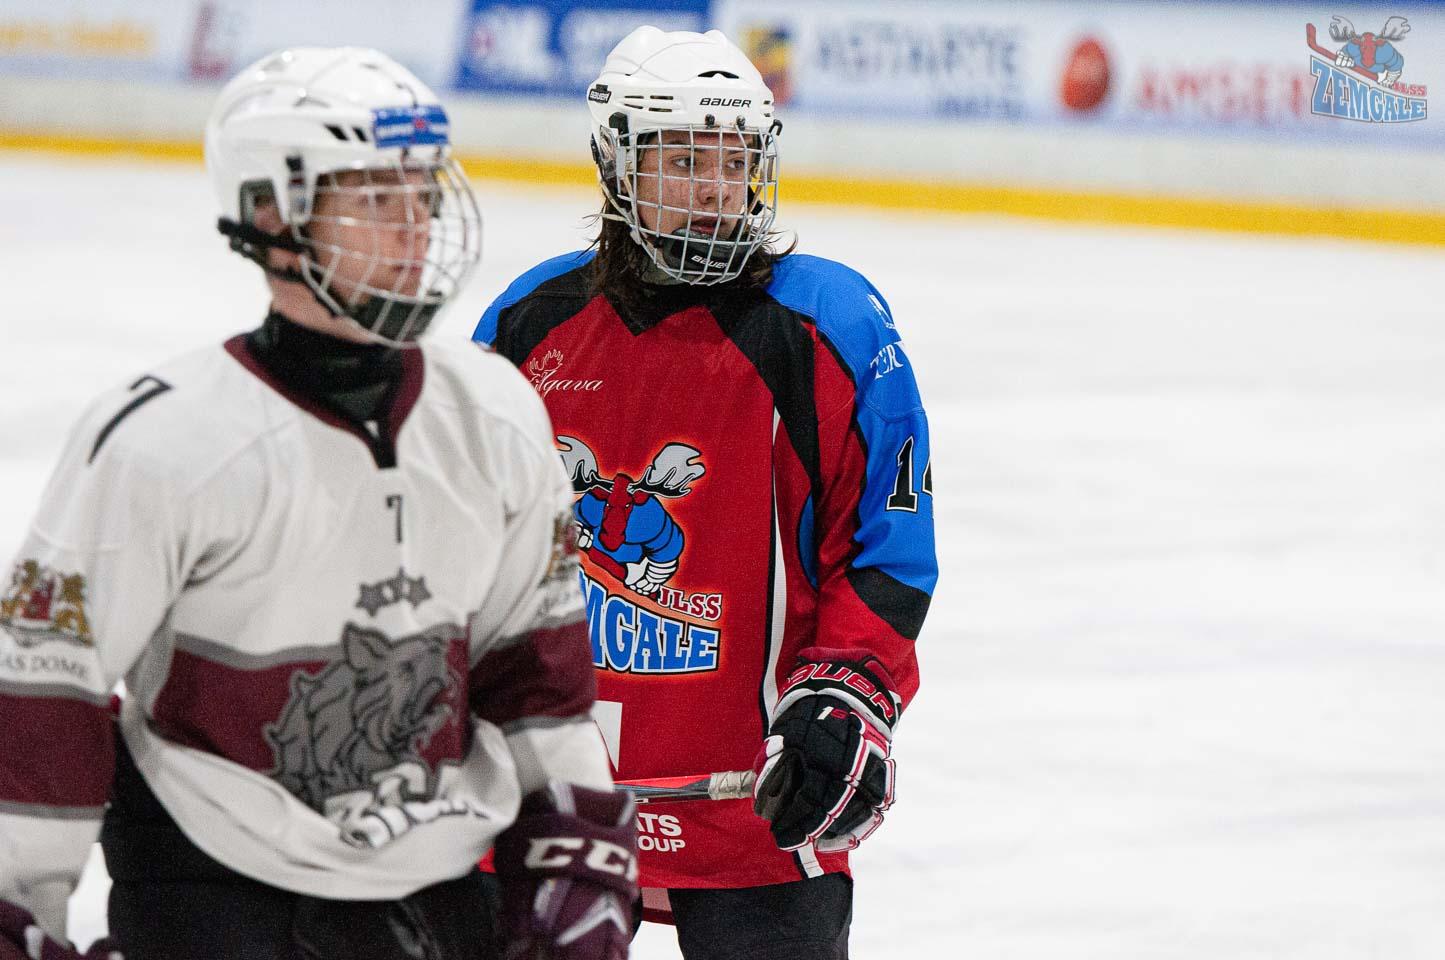 Divis hokejist ķiverēs ar restēm